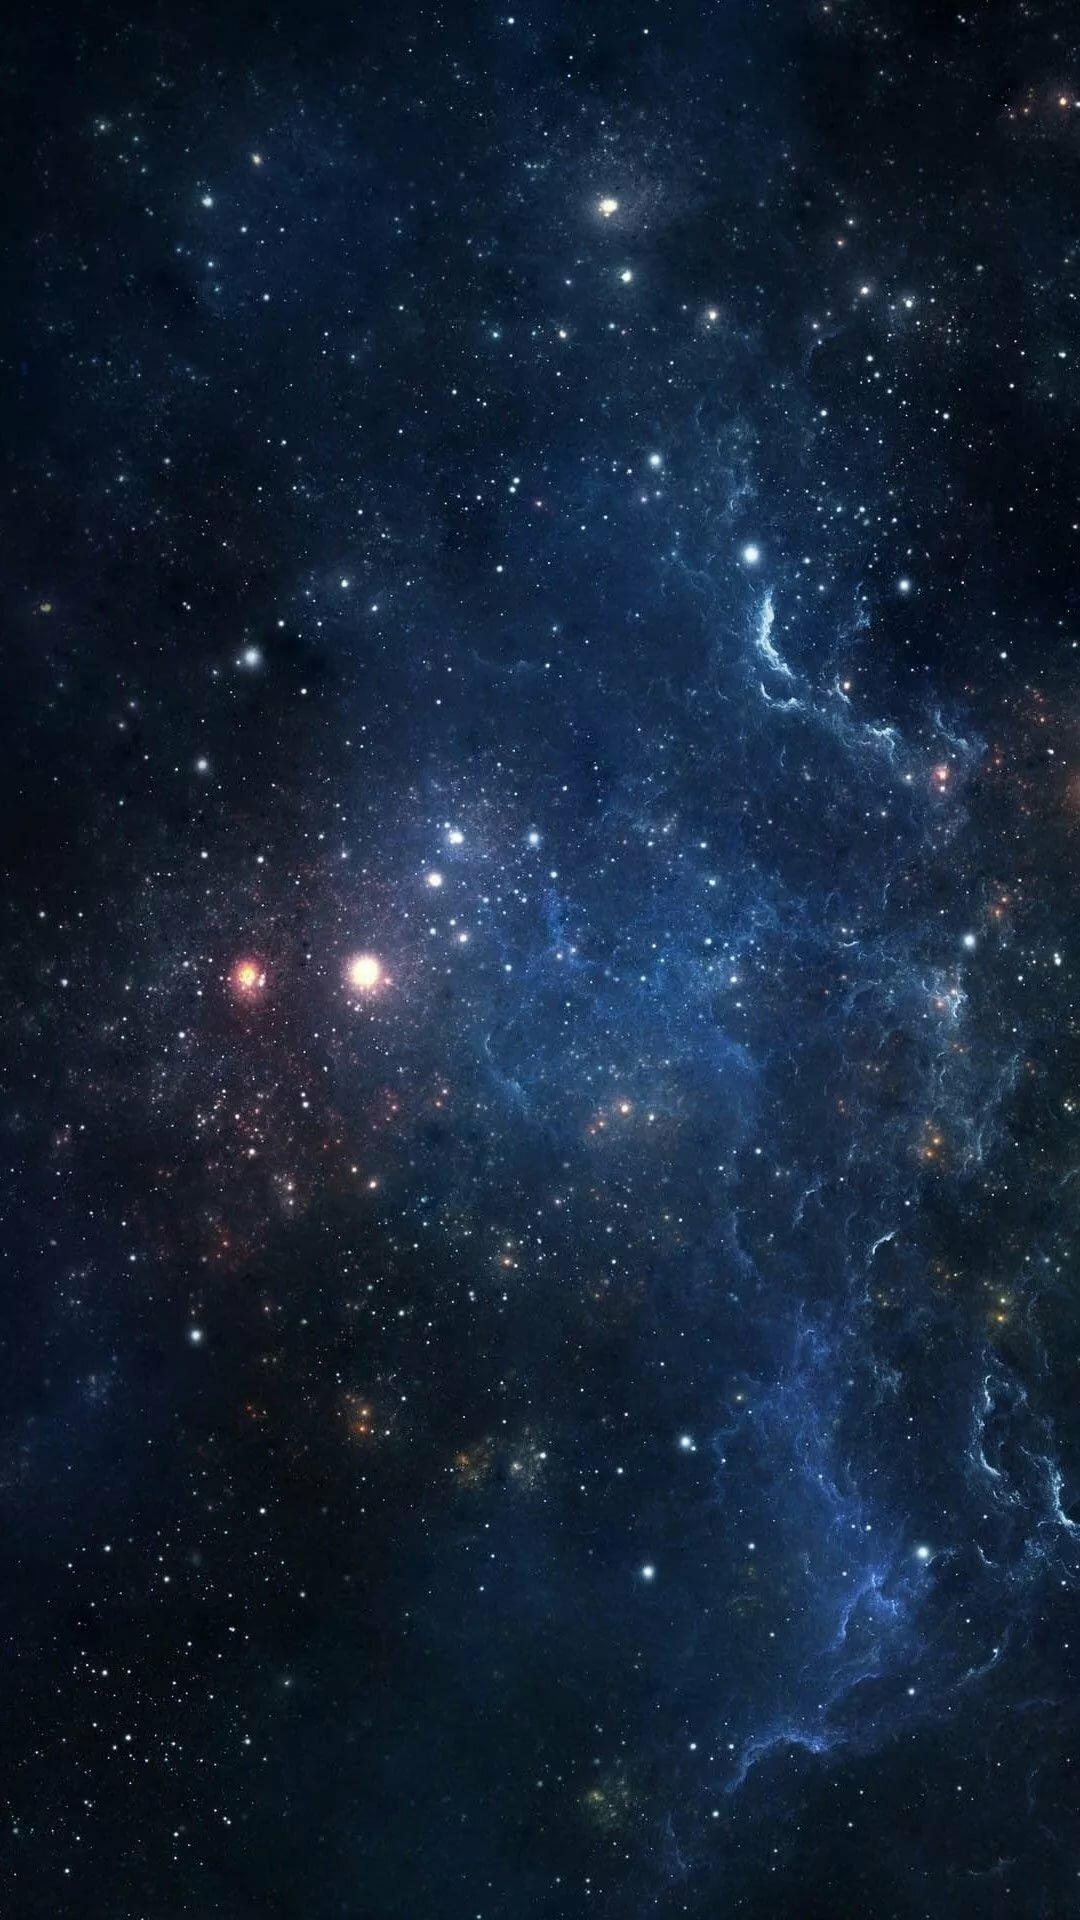 картинка космос айфон приводятся названия ампельных